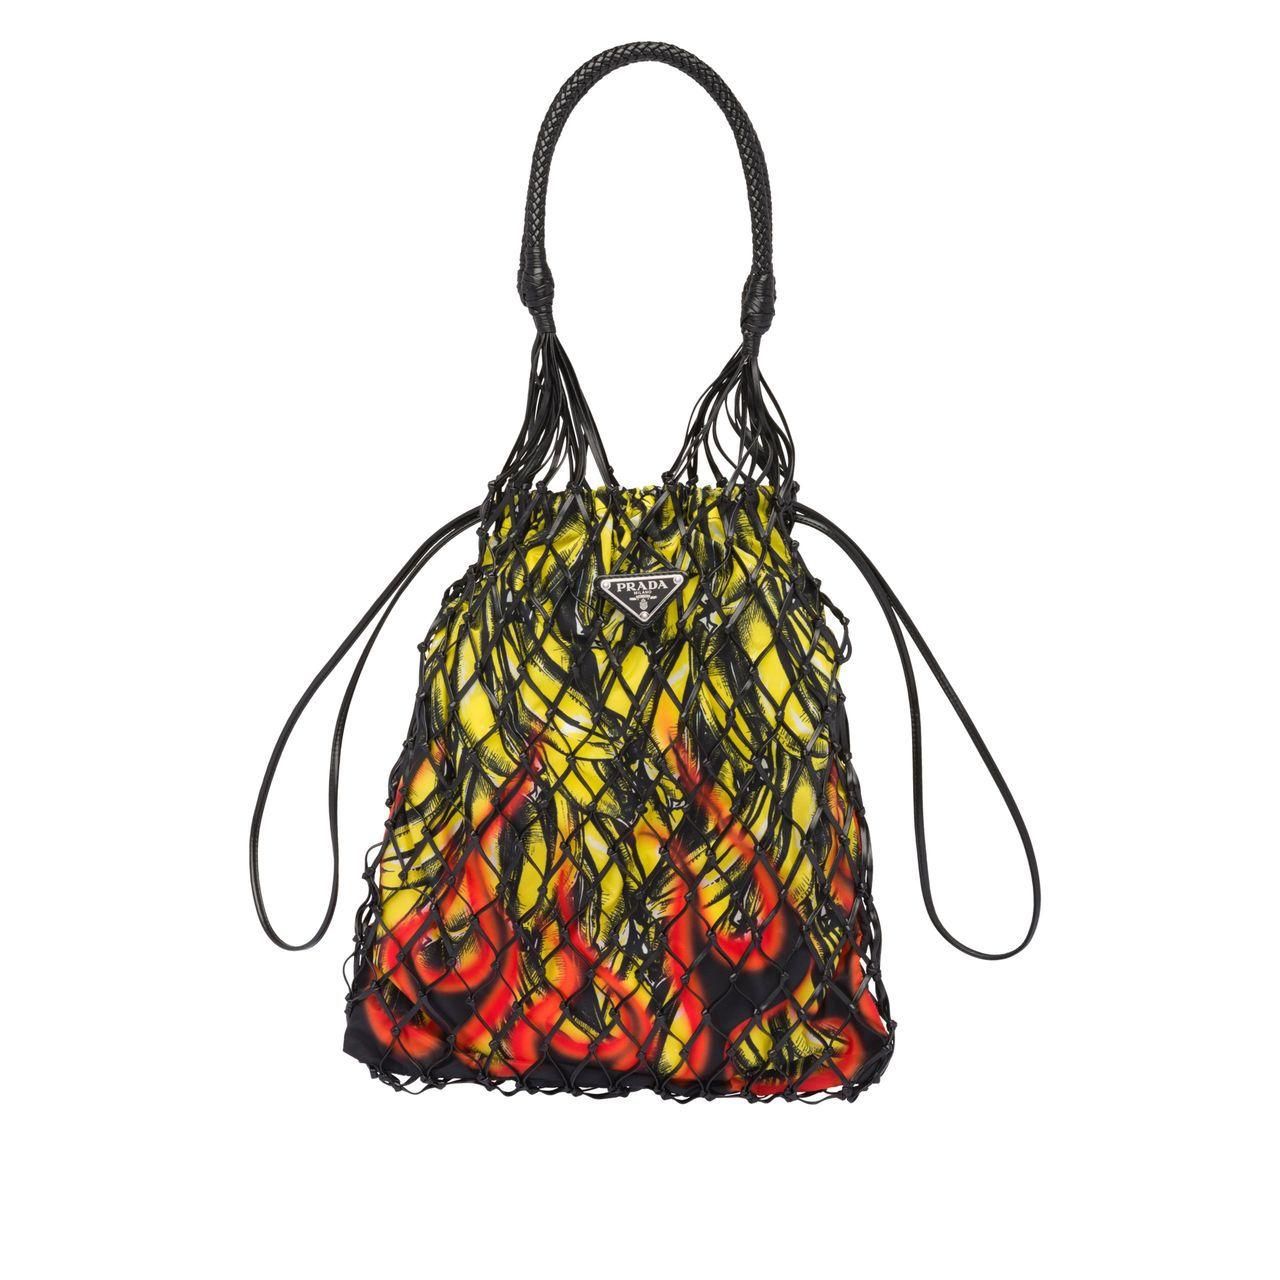 台中大遠百獨家經典香蕉火焰圖紋皮革編織網帶,33,000元。圖/PRADA提供